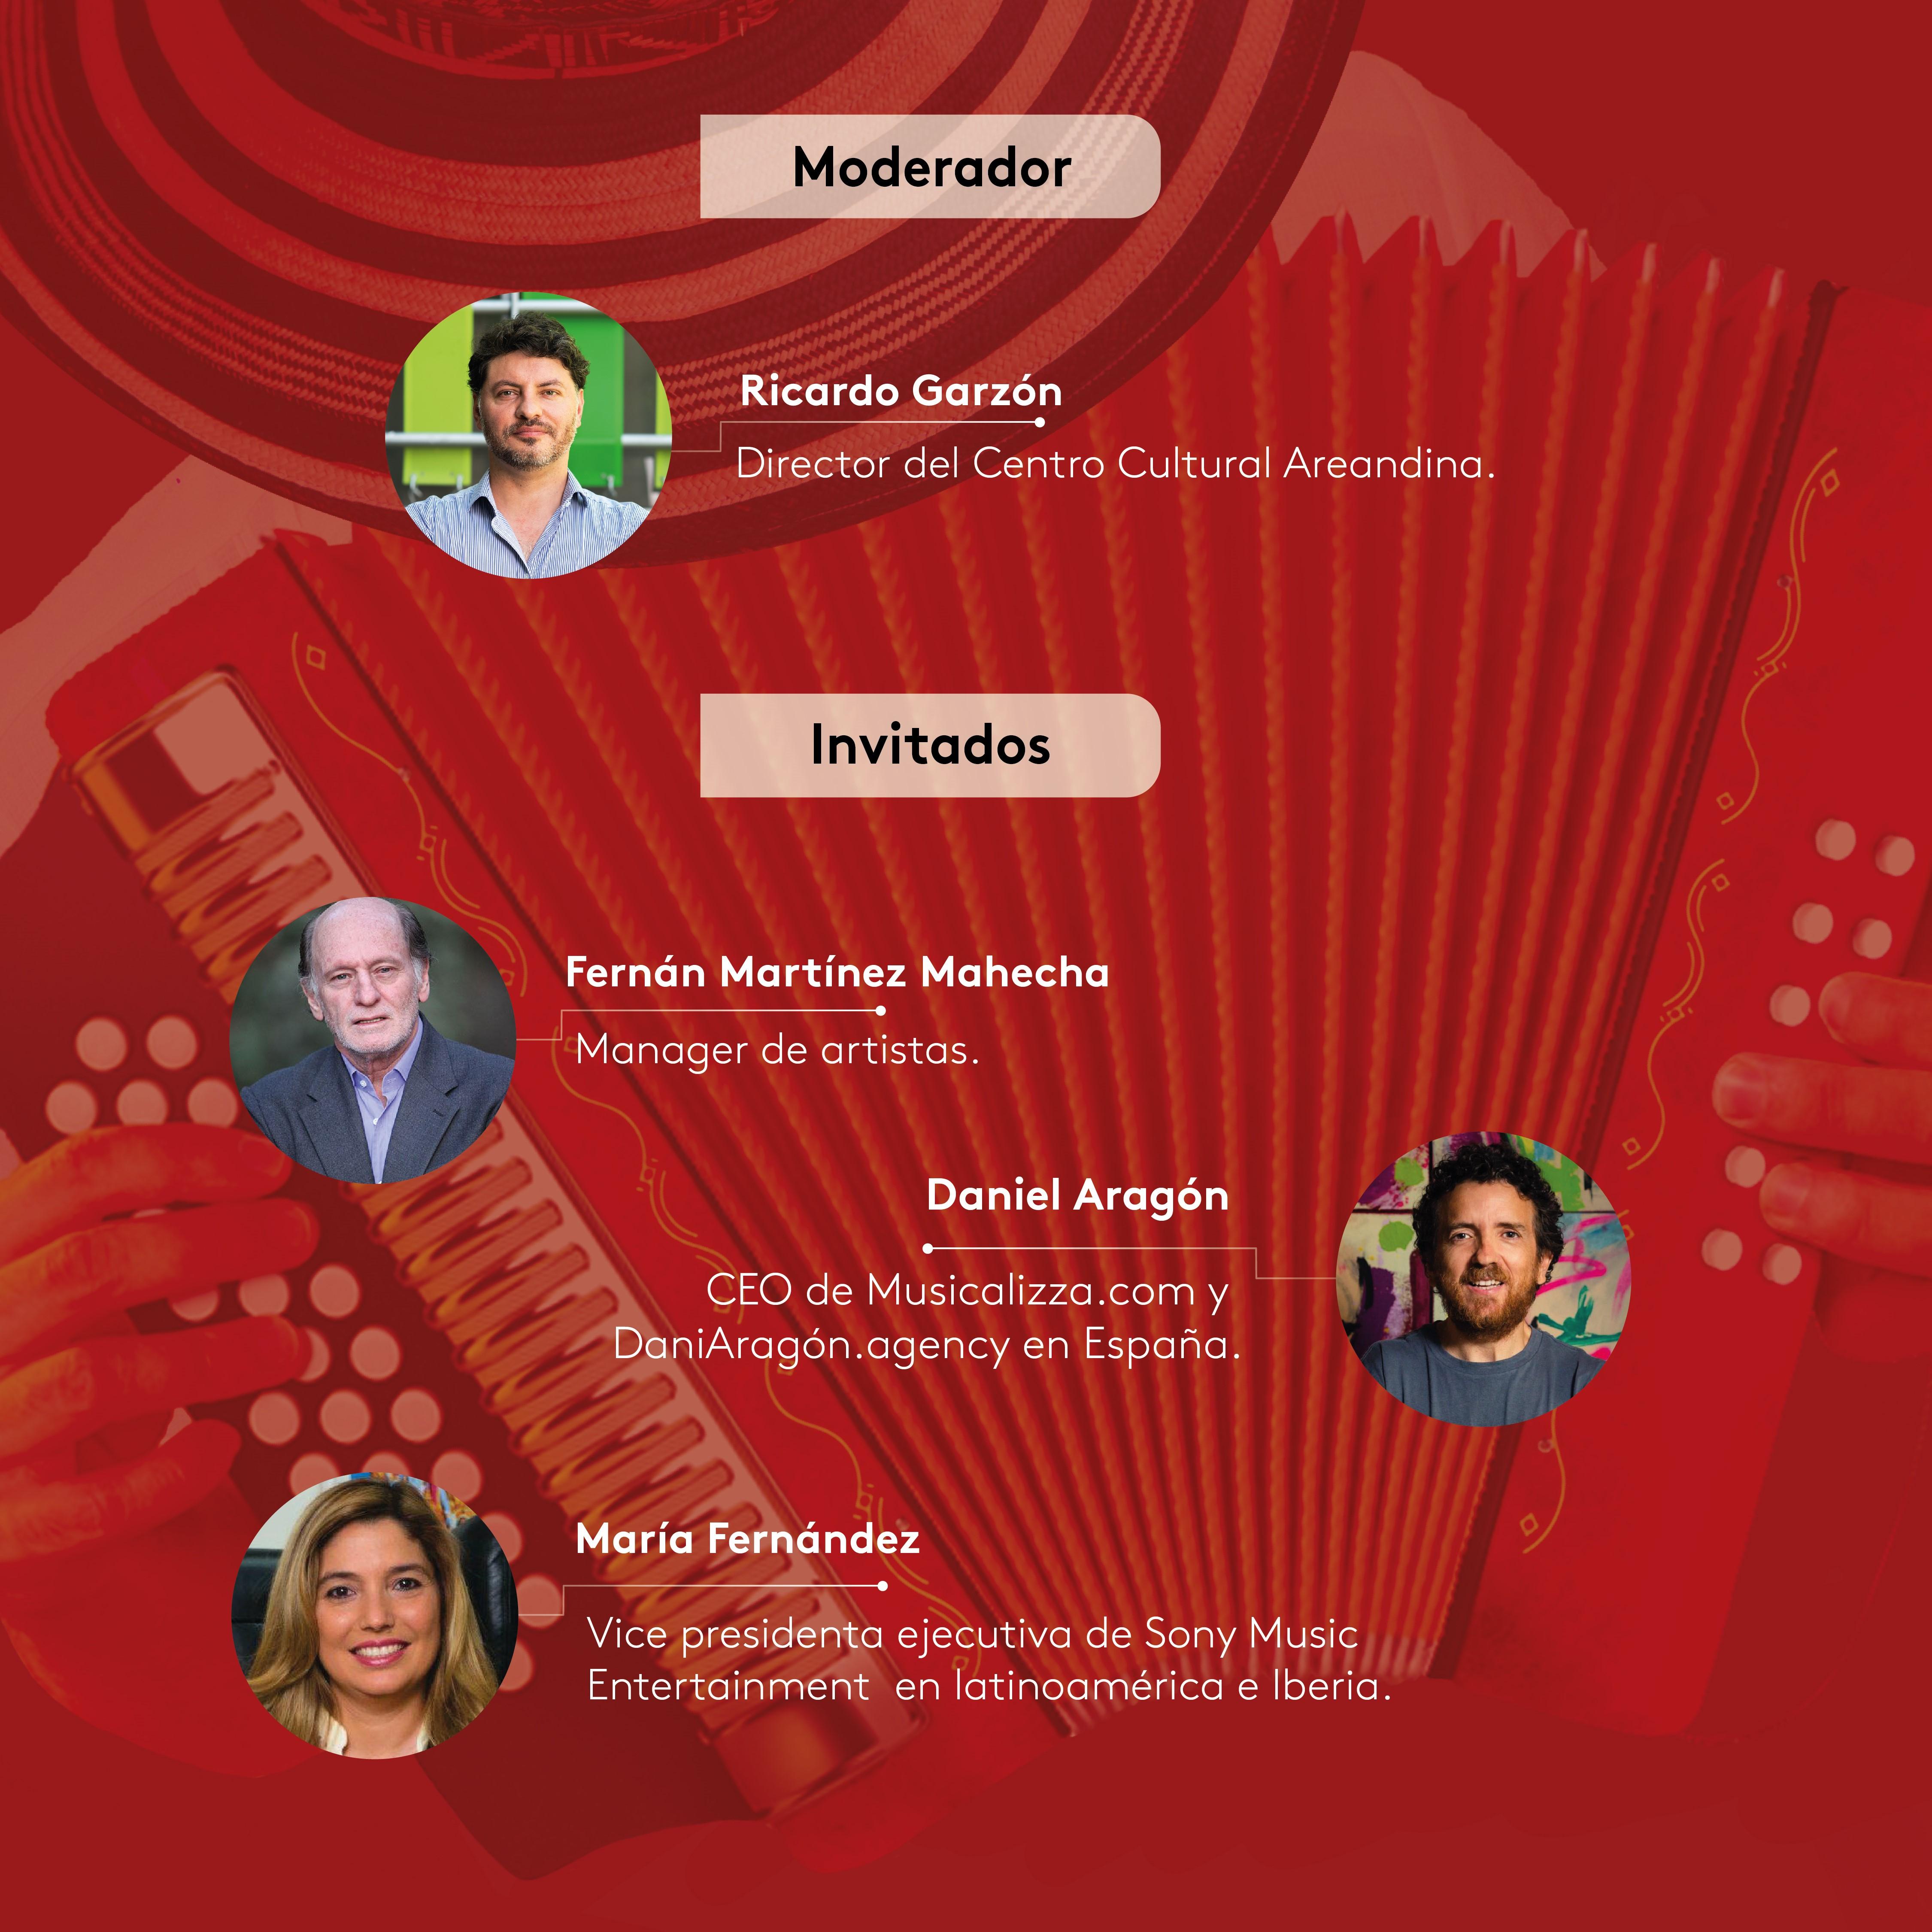 Acerca de la transformación digital para el sector musical, será el tema del próximo conversatorio de Areandina